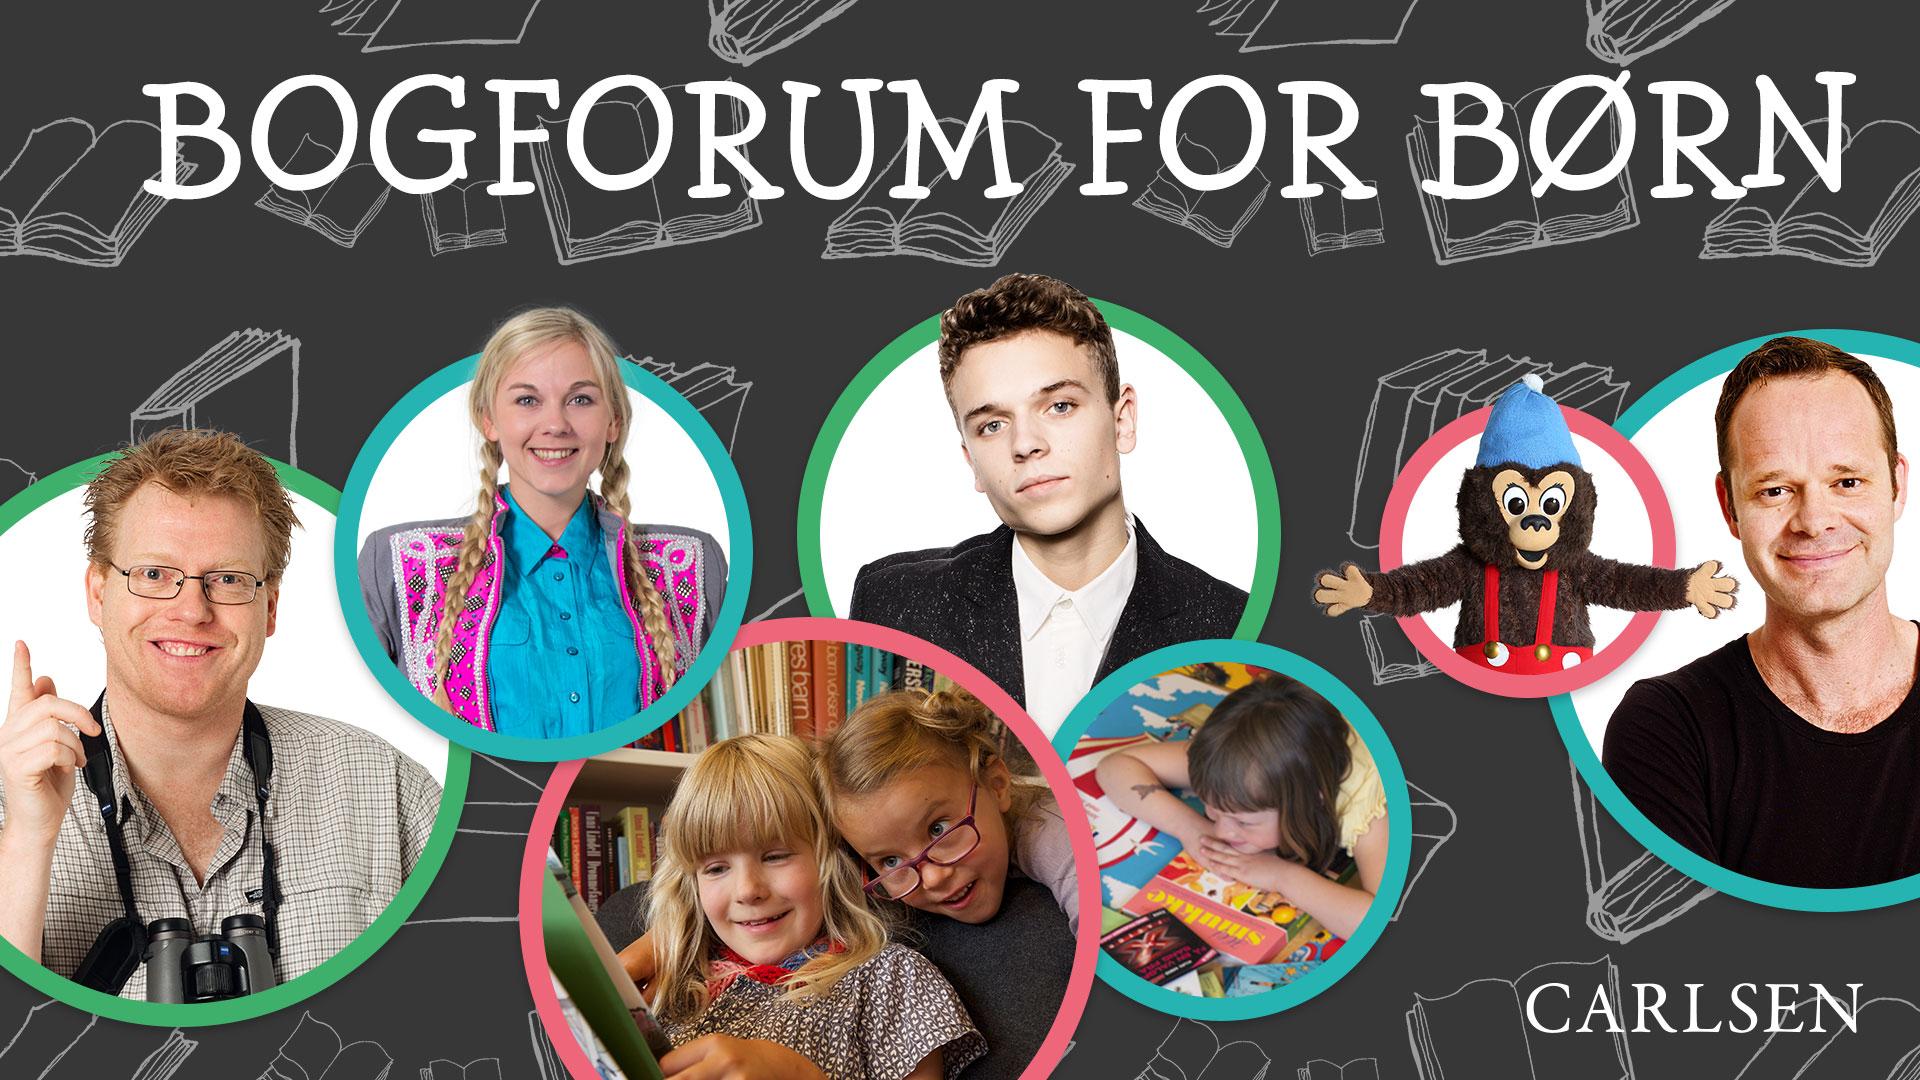 BogForum, vogorum 2017, bogforum for børn, børnebogsforum, forlaget carlsen